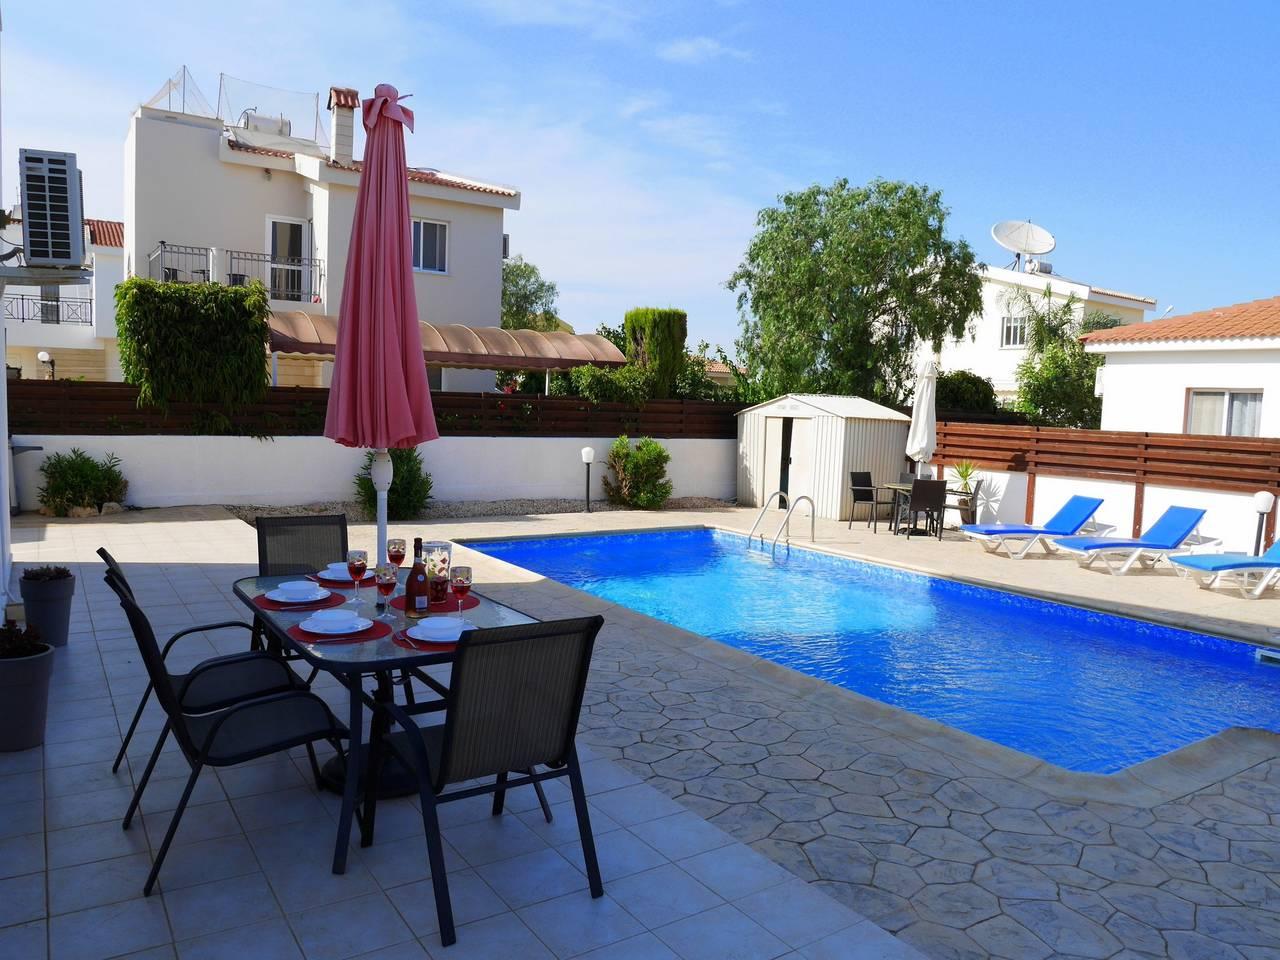 Apartment Villa Mon - 2 Bedroom Villa with Private Pool photo 18274947